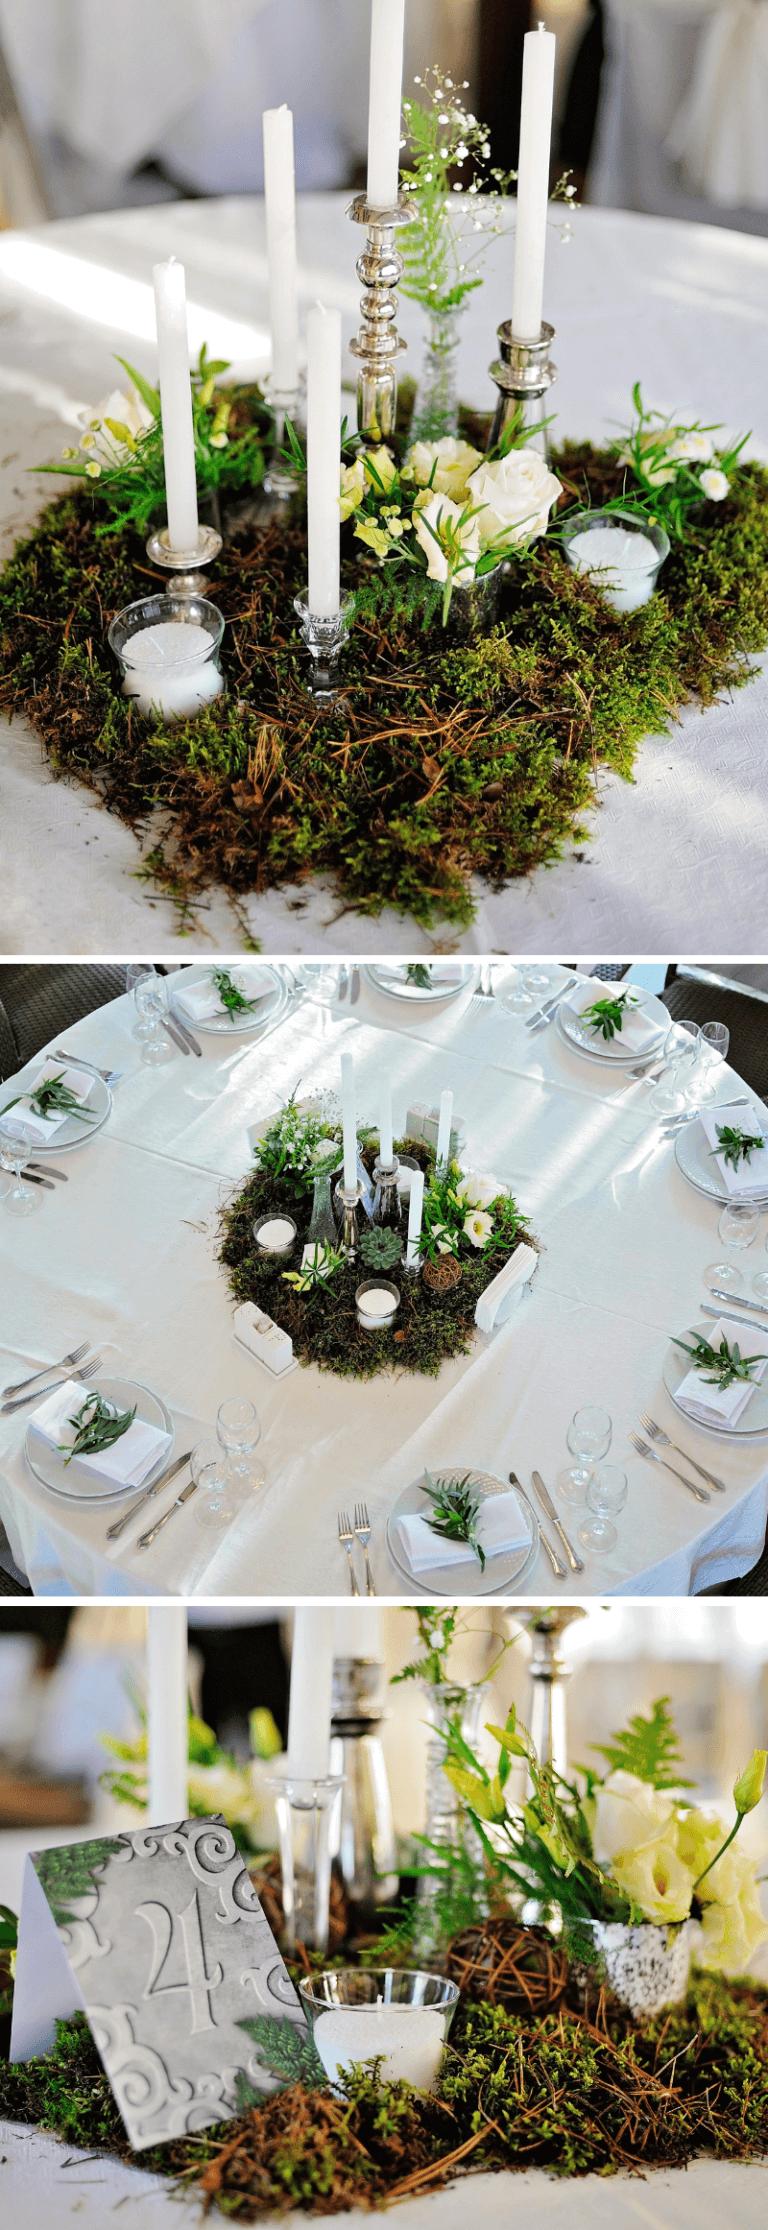 35 originelle Tischdeko-Ideen für die Hochzeit – Hochzeitskiste – Boda fotos